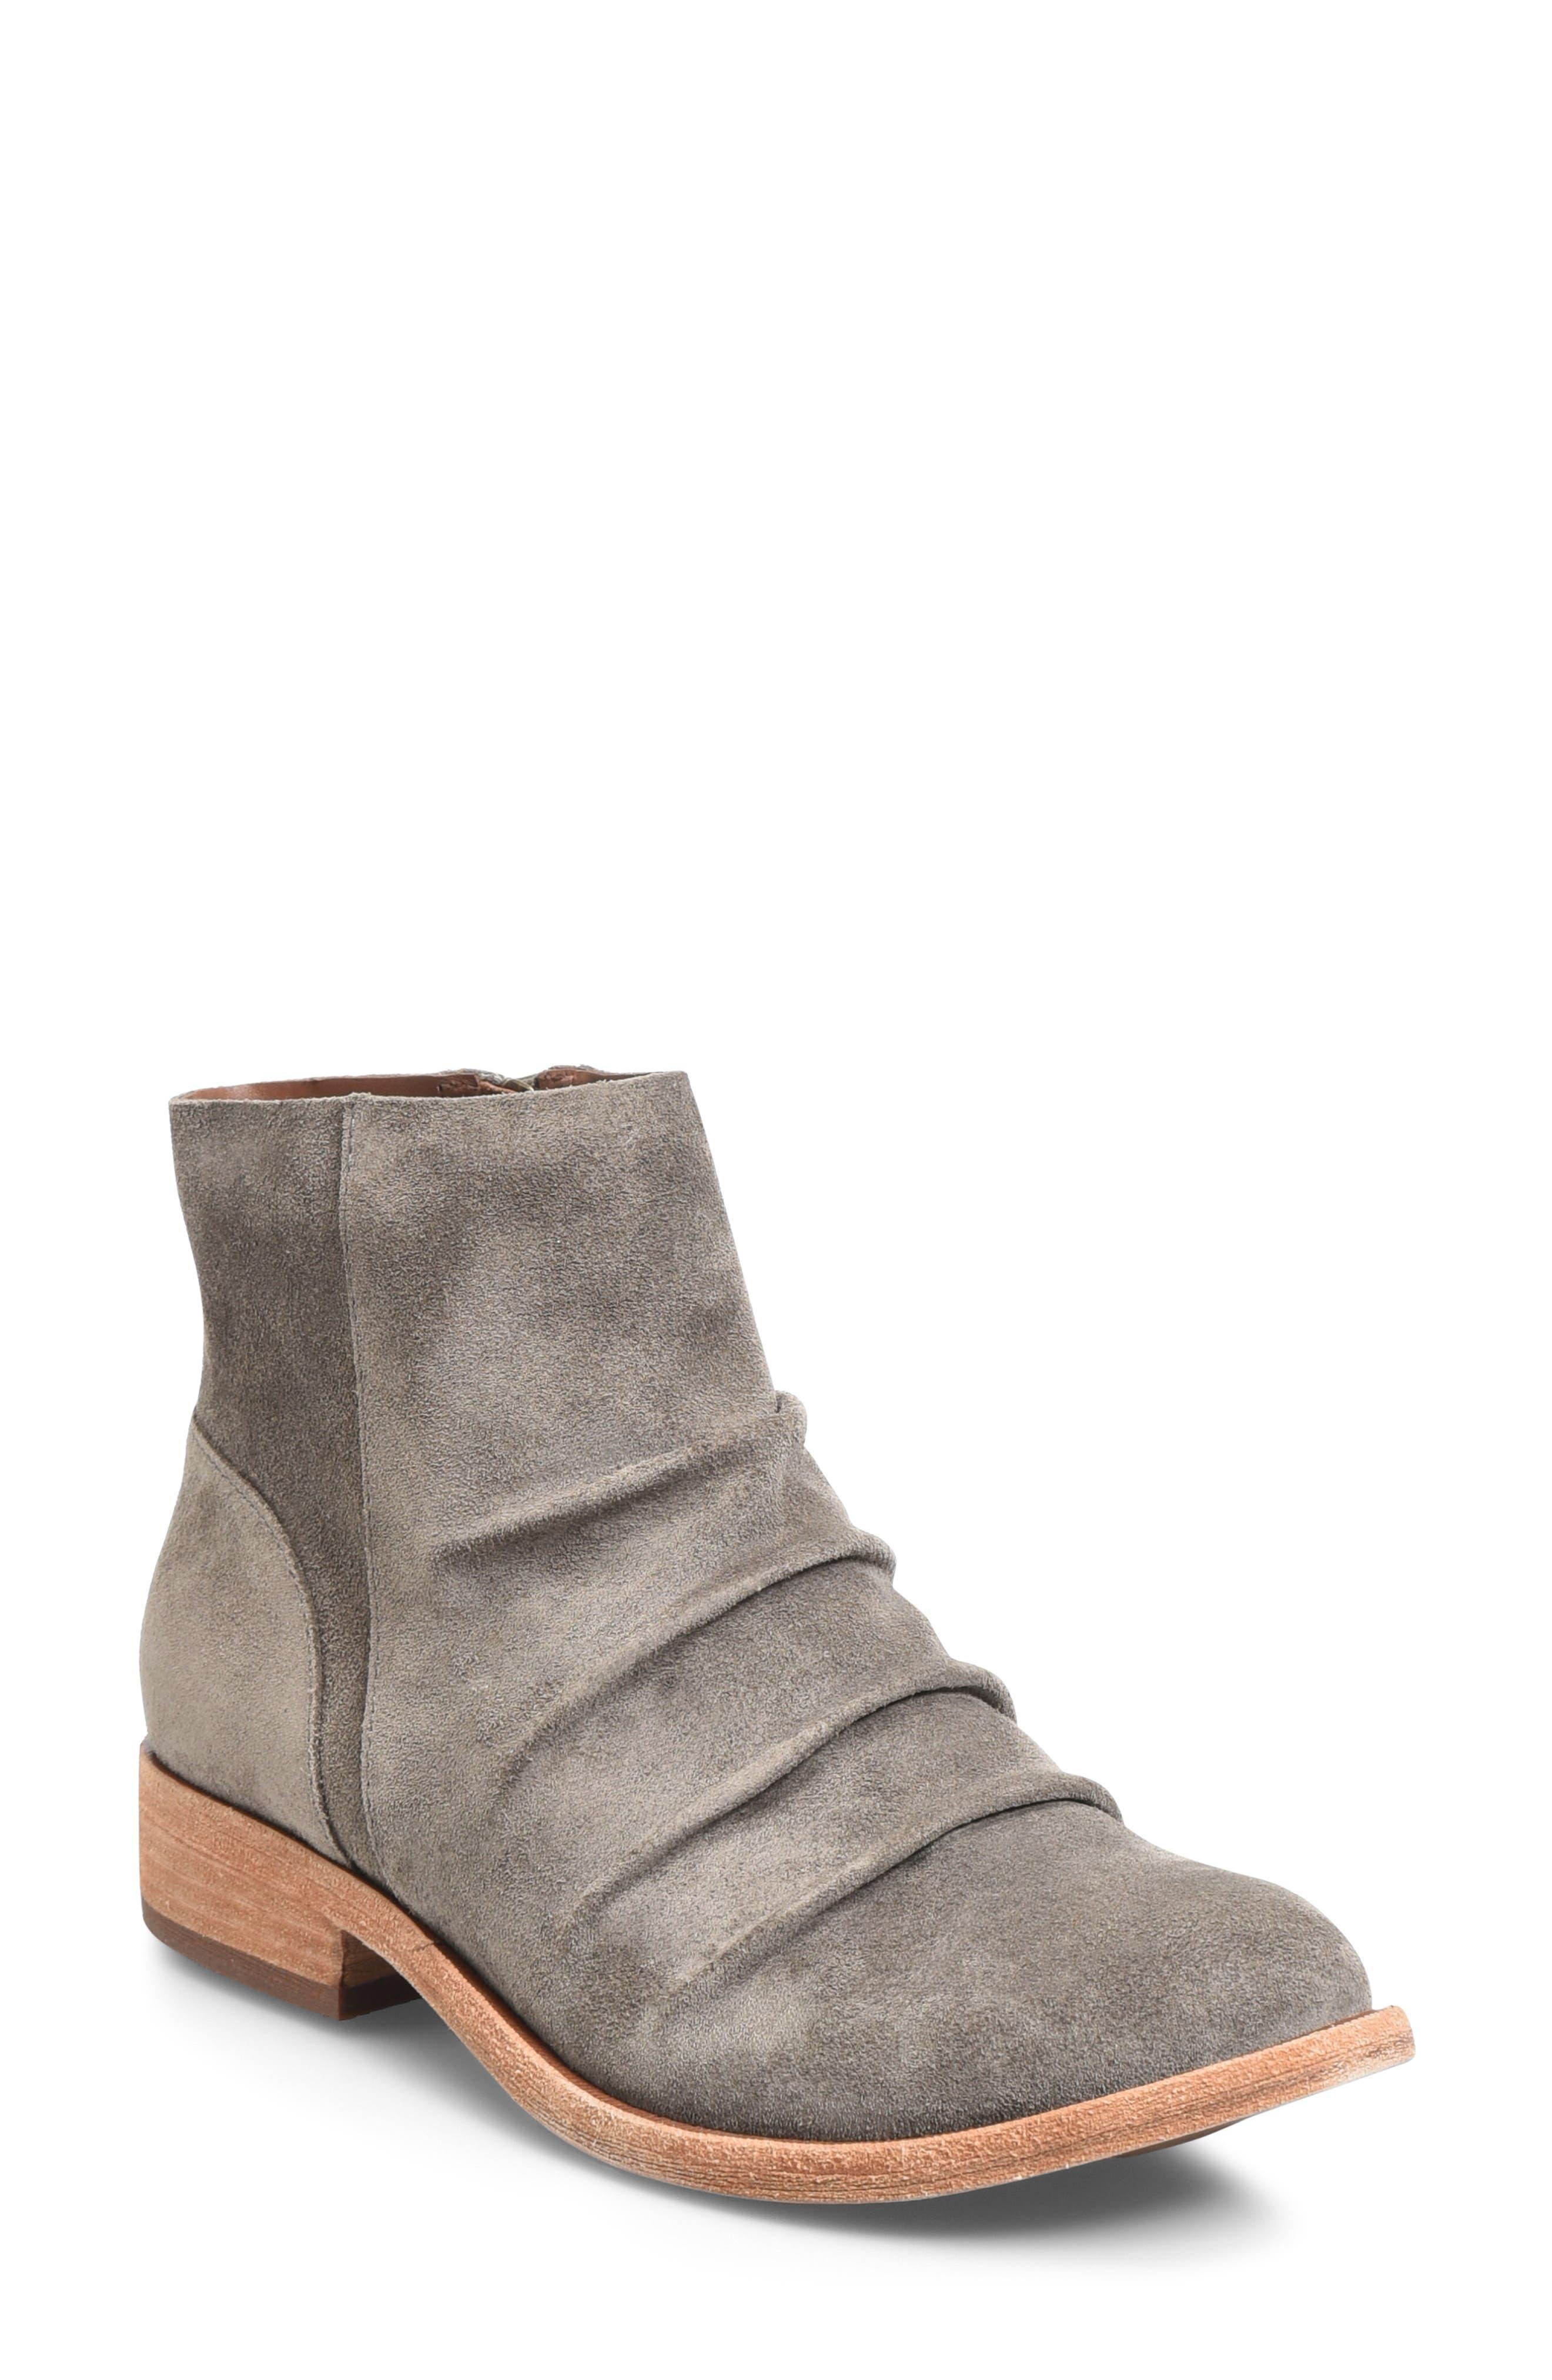 Kork-Ease Giba Boot- Grey